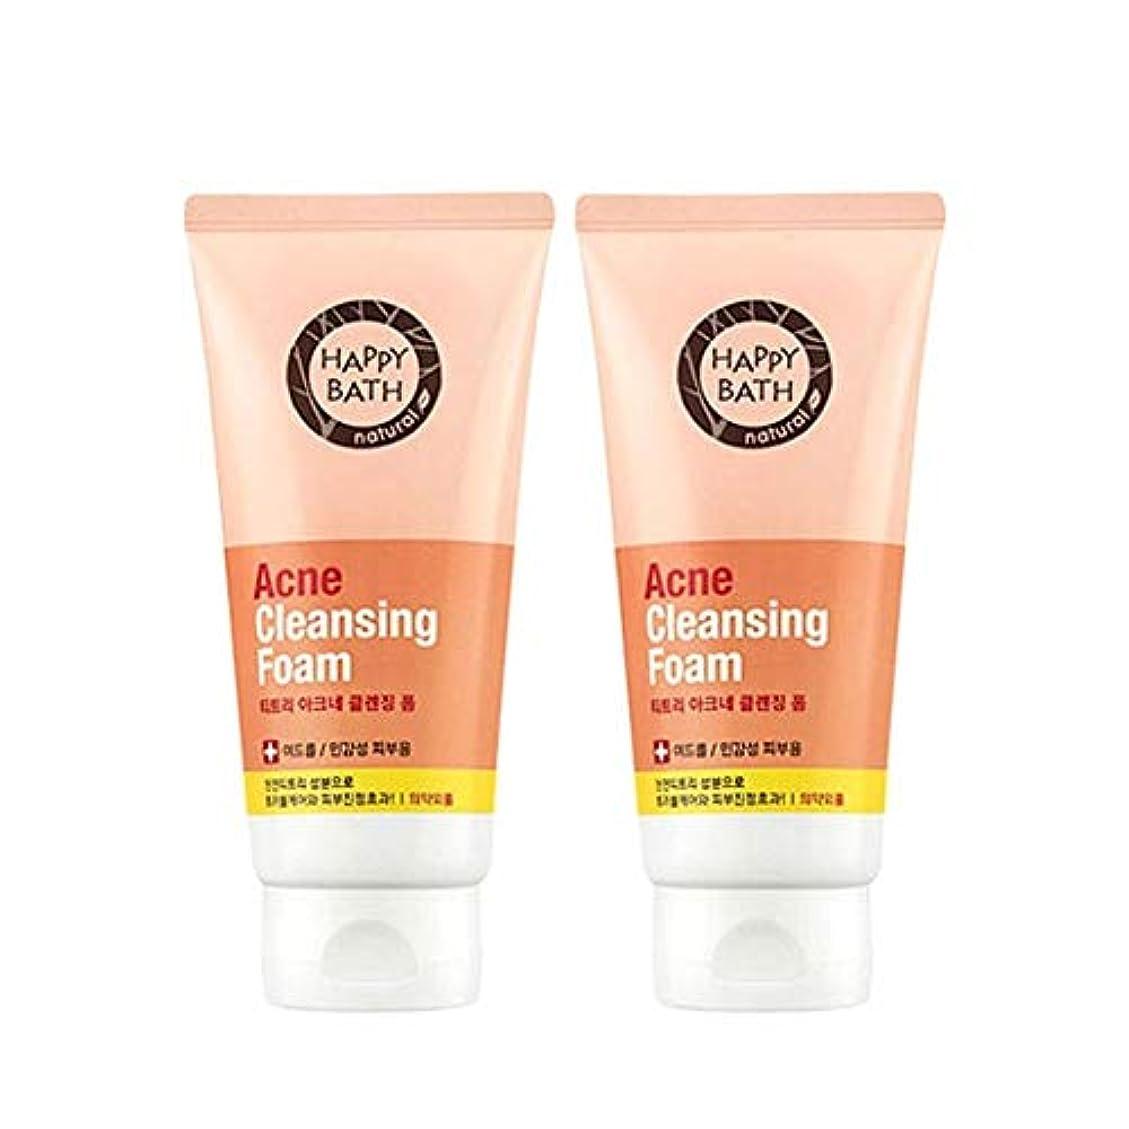 概念隣接ほうきハッピーバスティーツリーアクネクレンジングフォーム175gx2本セット韓国コスメ、Happy Bath Acne Cleansing Foam 175g x 2ea Set Korean Cosmetics [並行輸入品]